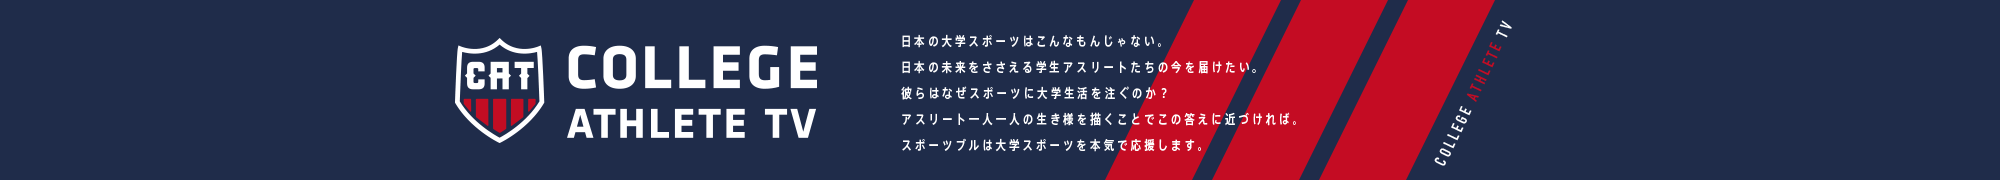 第25回関東女子サッカーリーグ 後期第3節 vs筑波大学2019/07/06(土)16:00KO @筑波大第一グラウンド中断期間が明けたリーグ中断期間明け最初のゲームになった今節。…